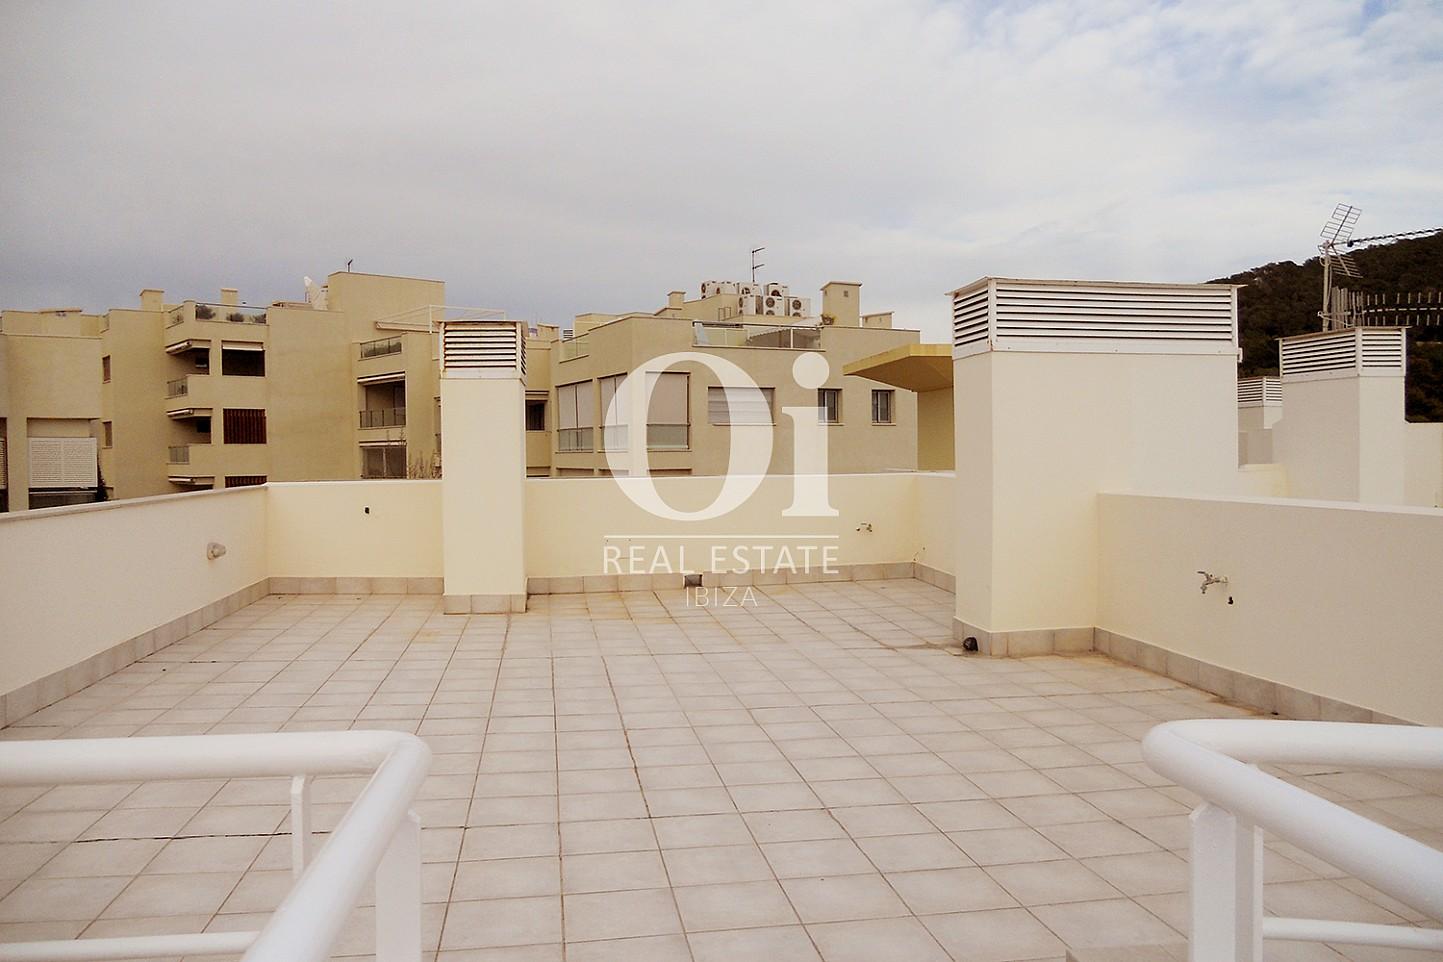 Terrado de piso en venta en Cala Gració, zona de Sant Antoni, Ibiza